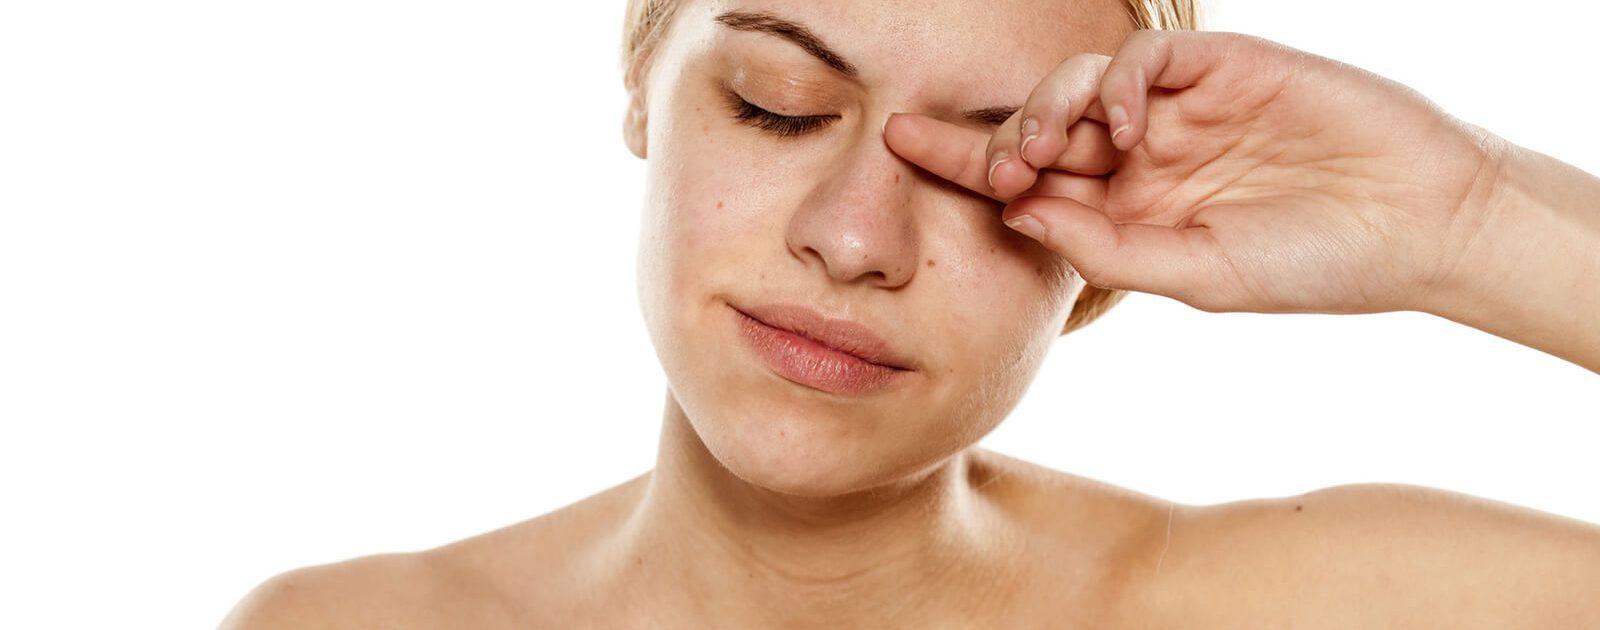 Fremdkörper im Auge nicht durch reiben entfernen